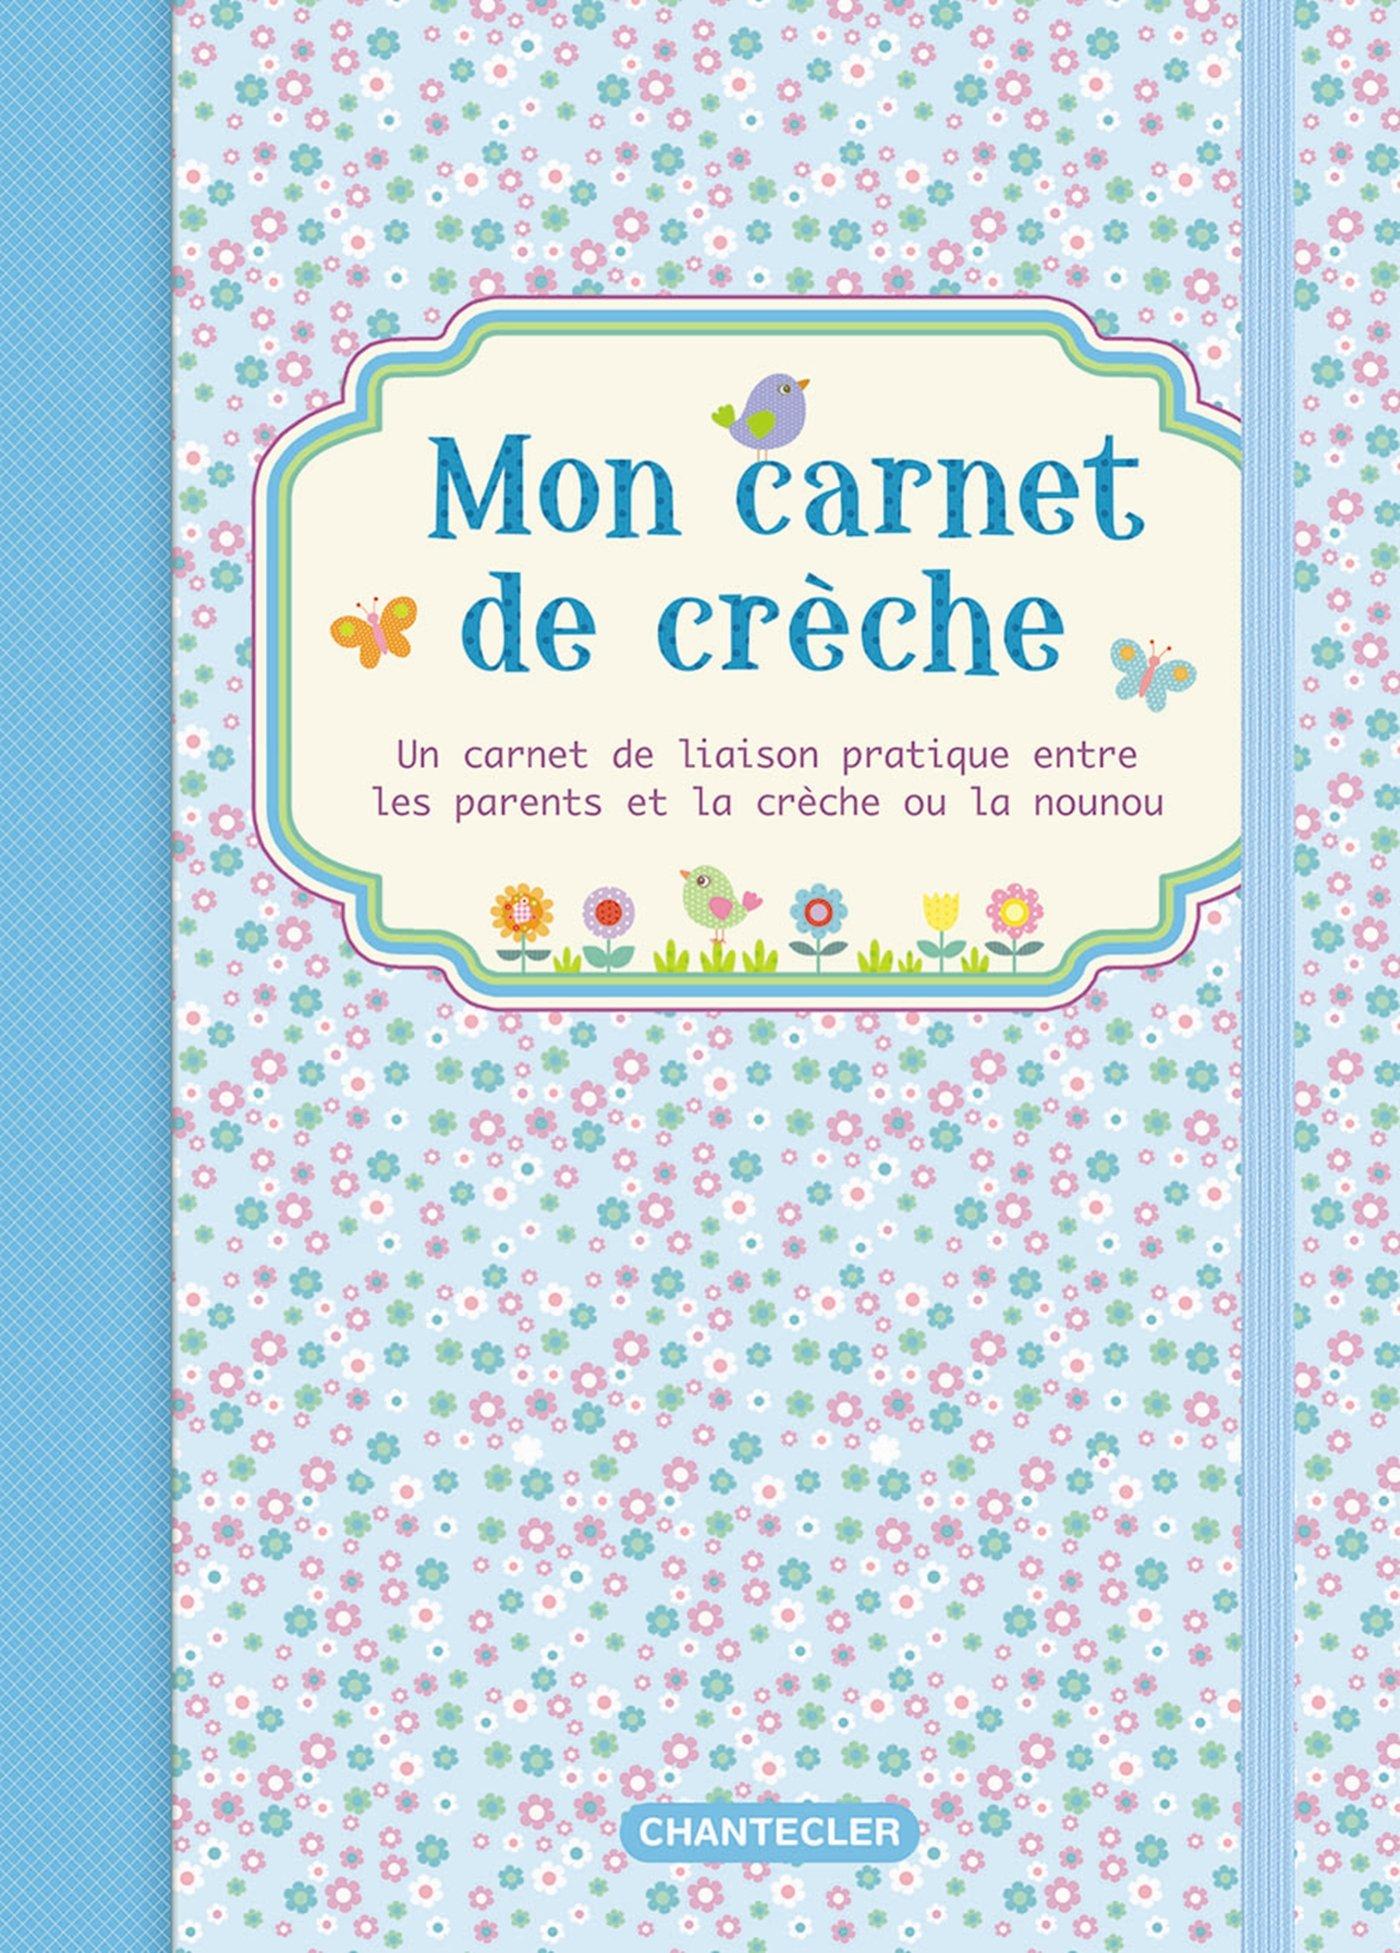 Assez Amazon.fr - Mon carnet de crèche (bleu) - Znu - Livres WA15